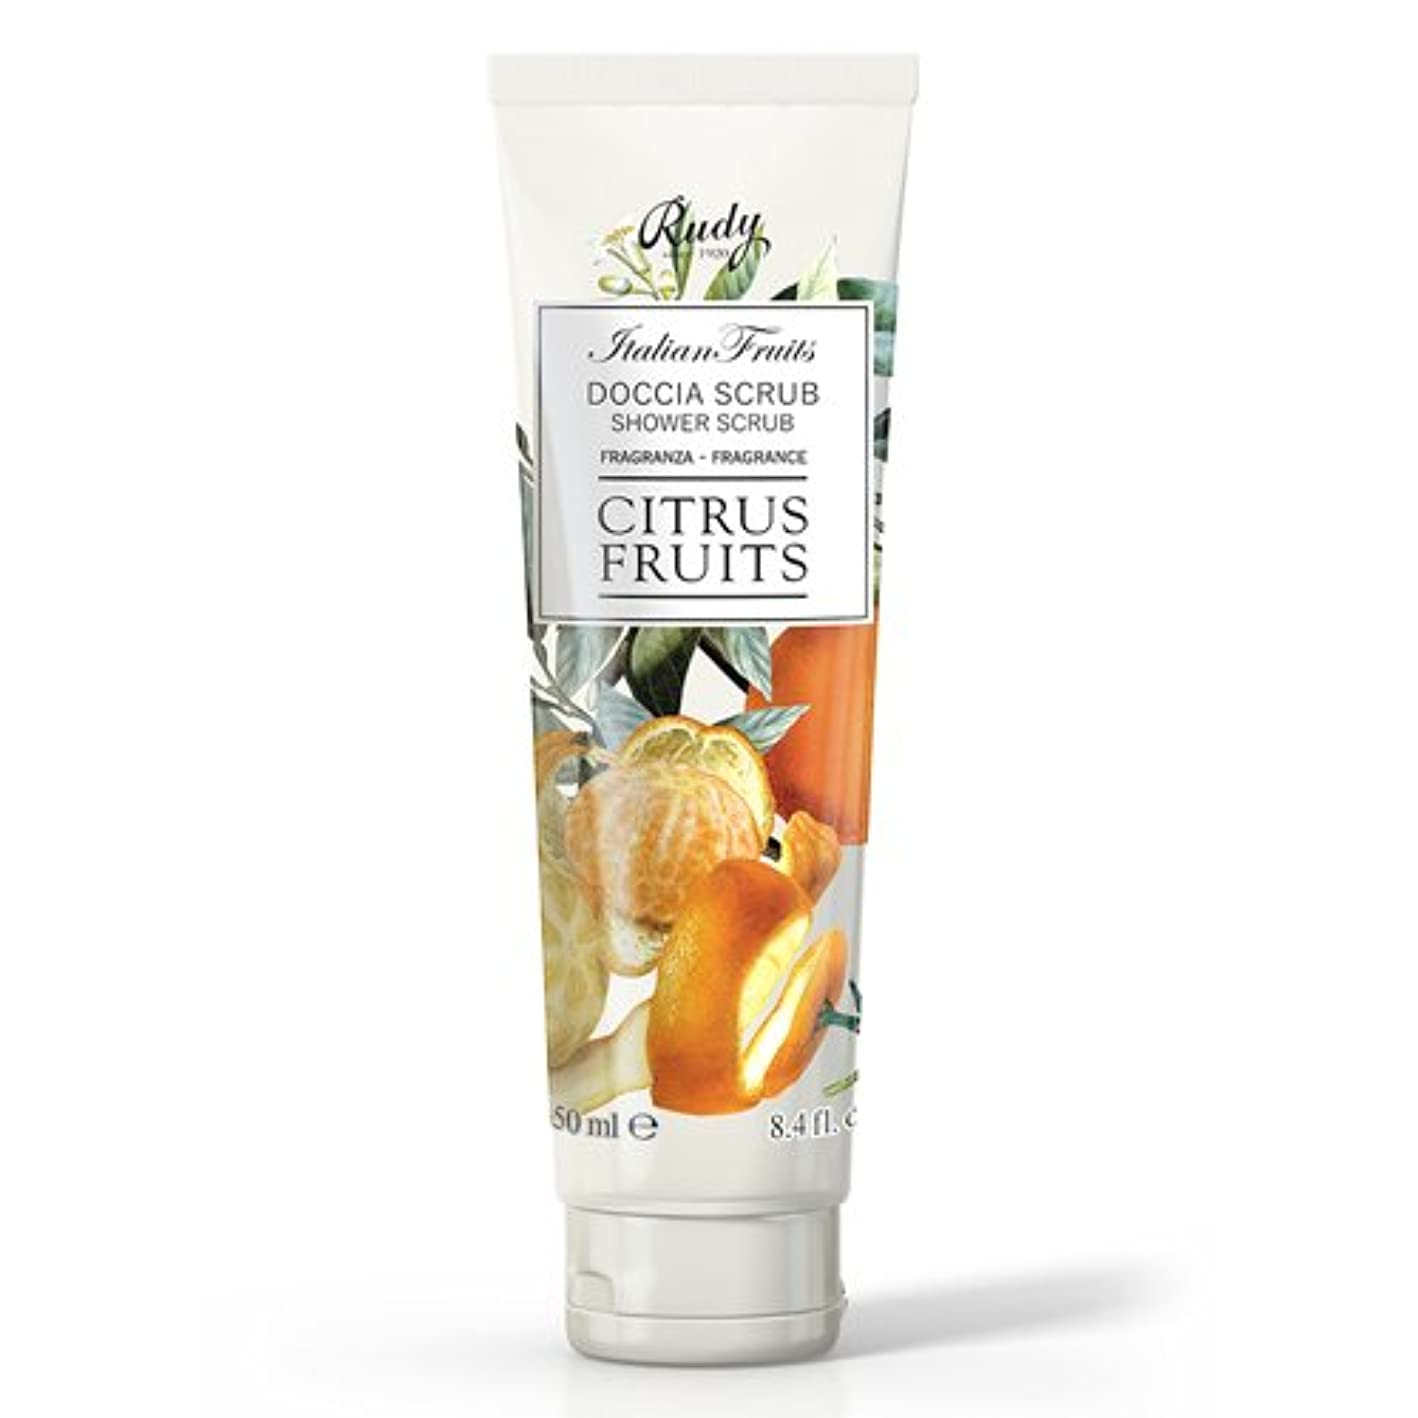 論理やさしく急性RUDY Italian Fruits Series ルディ イタリアンフルーツ Shower Scrub シャワースクラブ Citrus Fruits